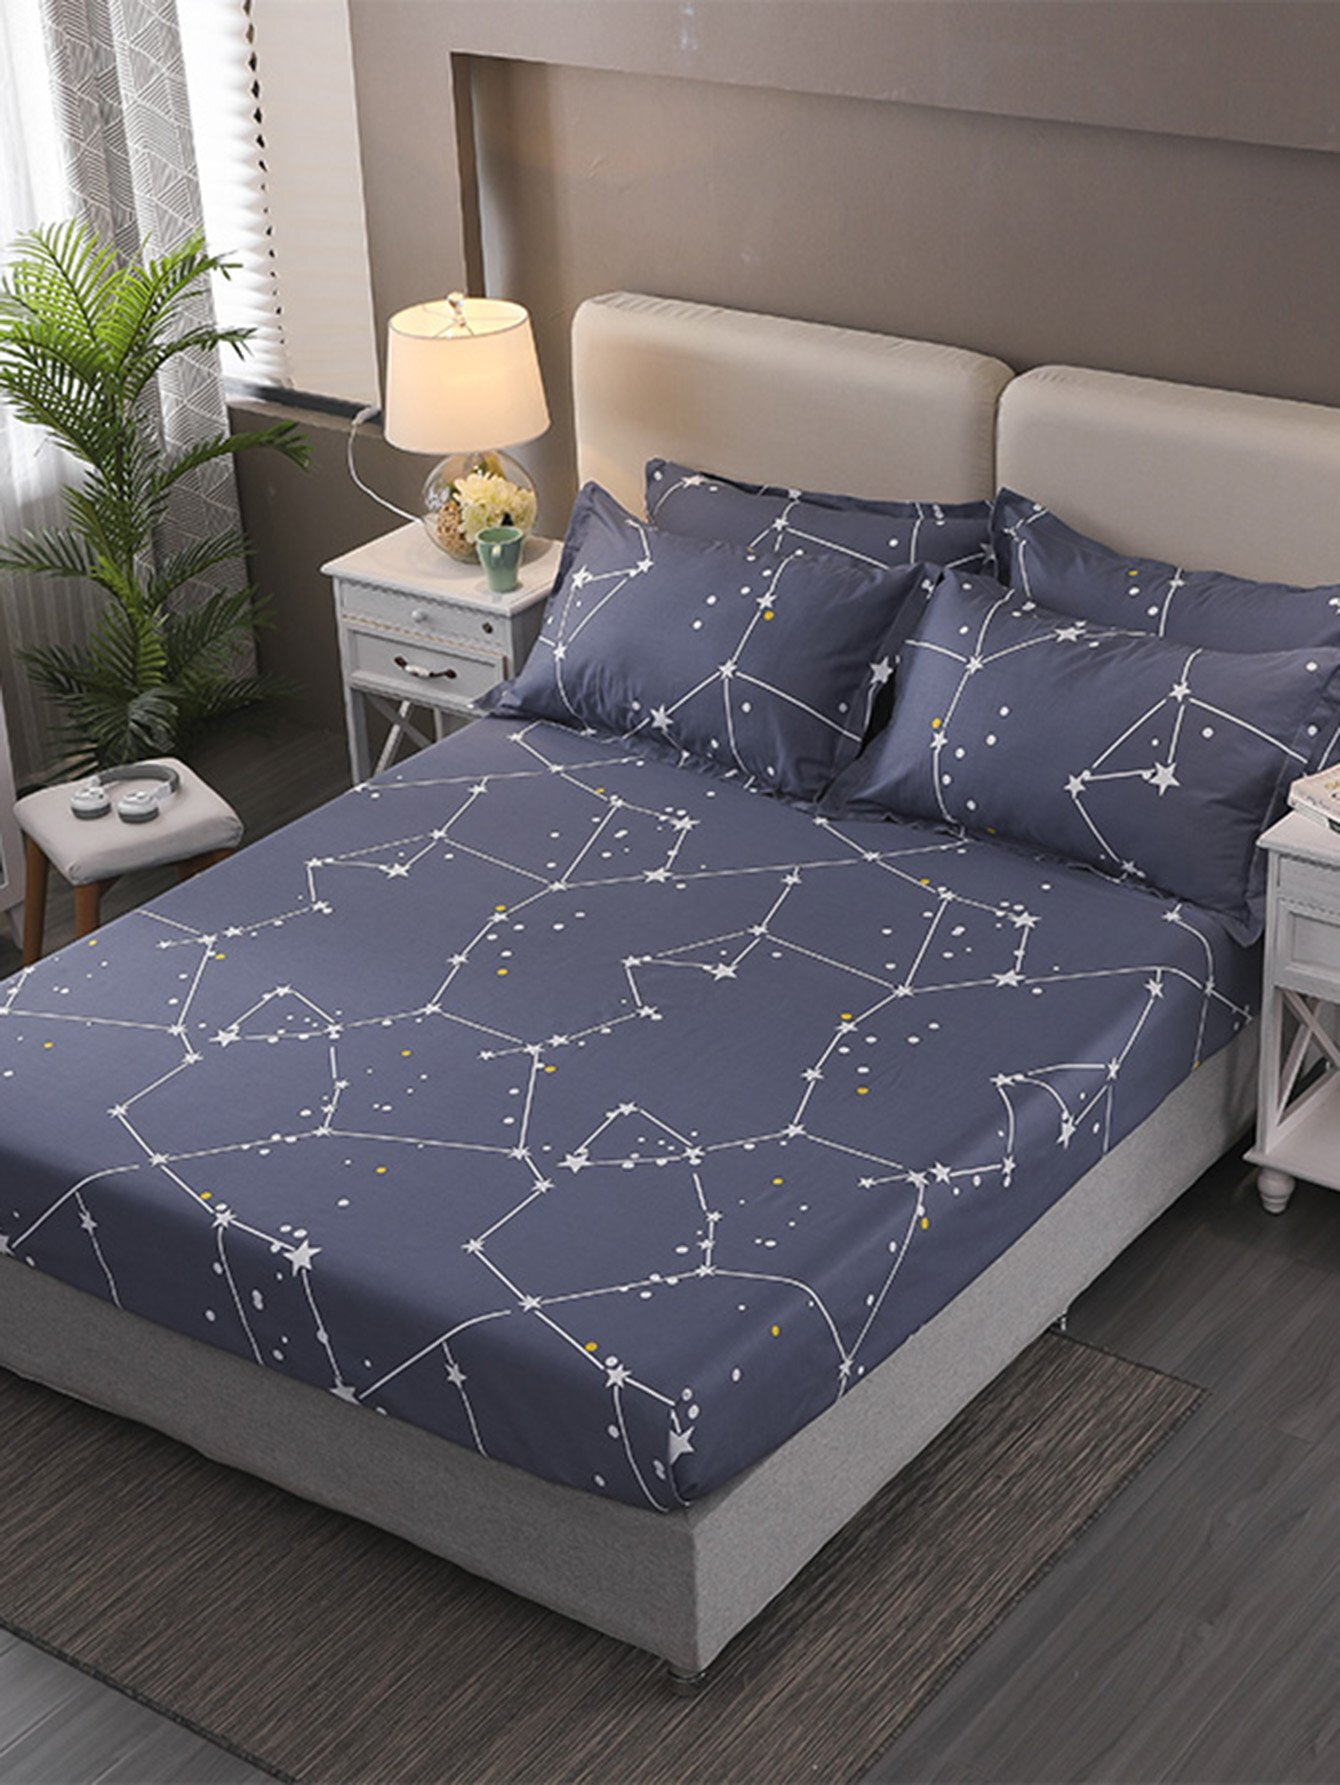 Купить Ситцевое постельное бельё с рисунками звёзд 1 шт, null, SheIn